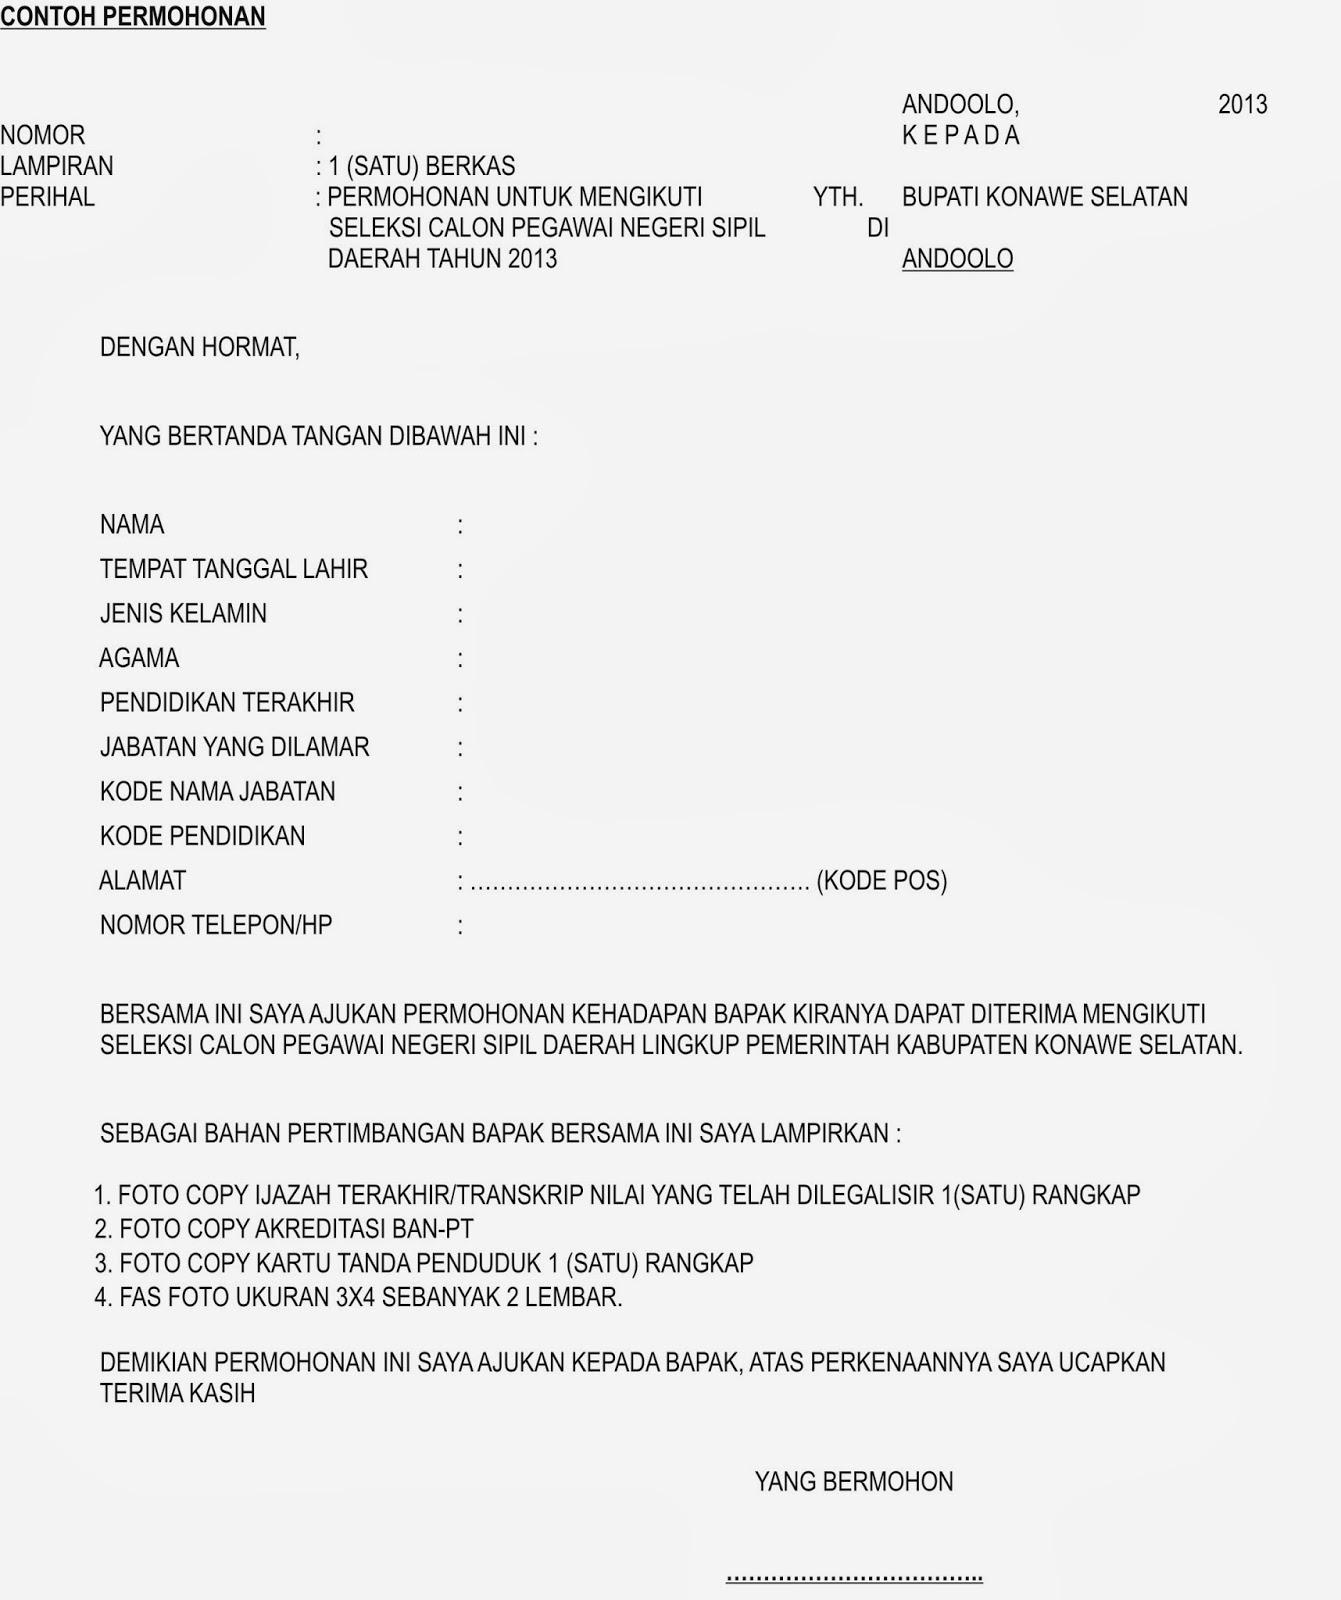 Pendaftaran Cpns 2013 Kab Karawang Syarat Pendaftaran Cpns Info Lowongan Cpns 2016 Informasi Pendaftaran Cpns 2013 Kab Konawe Selatan Abu Fathan